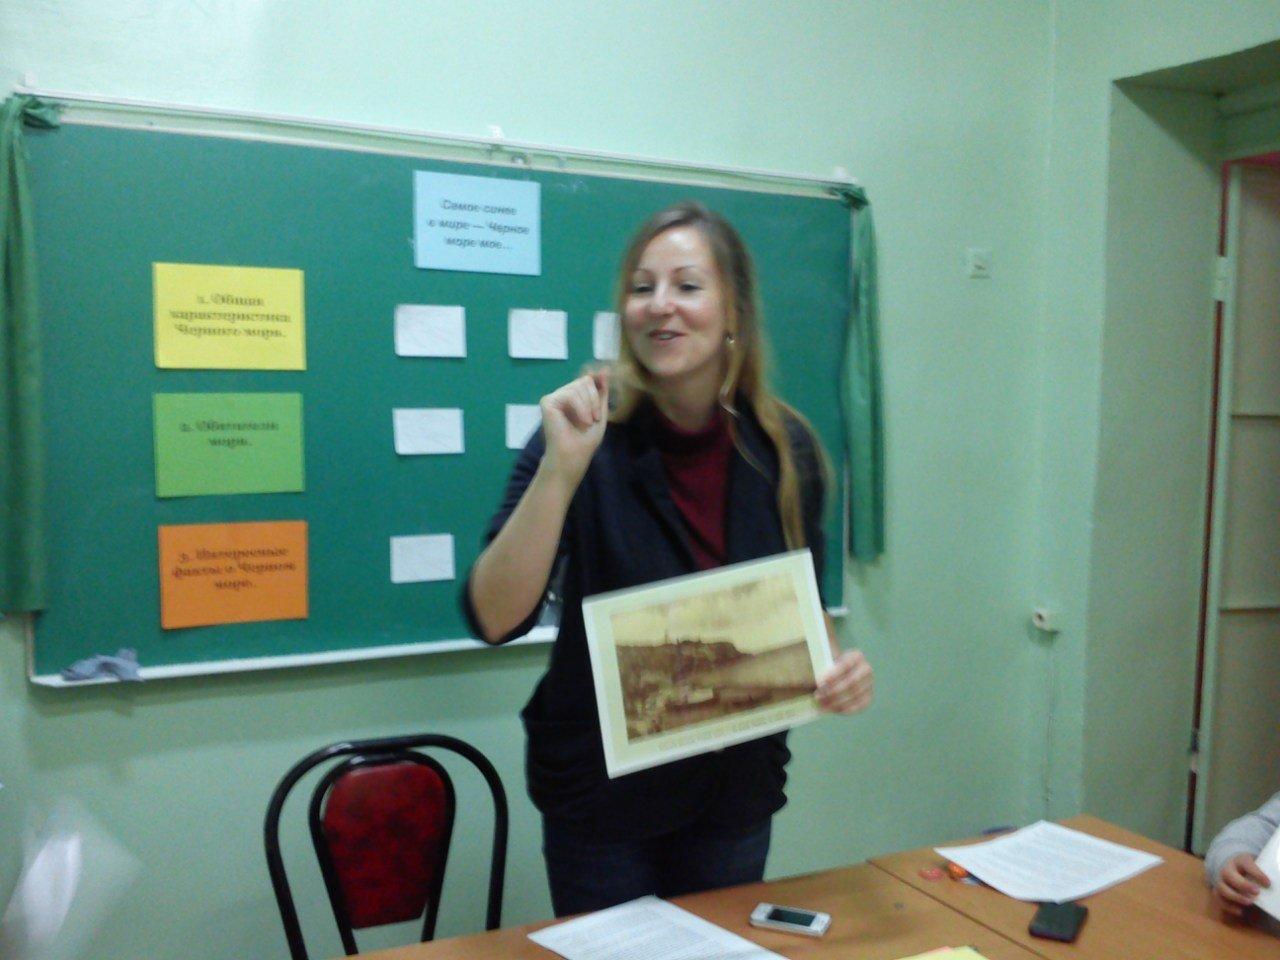 Курсы английского в Одессе? Куда пойти учить английский?, фото-26